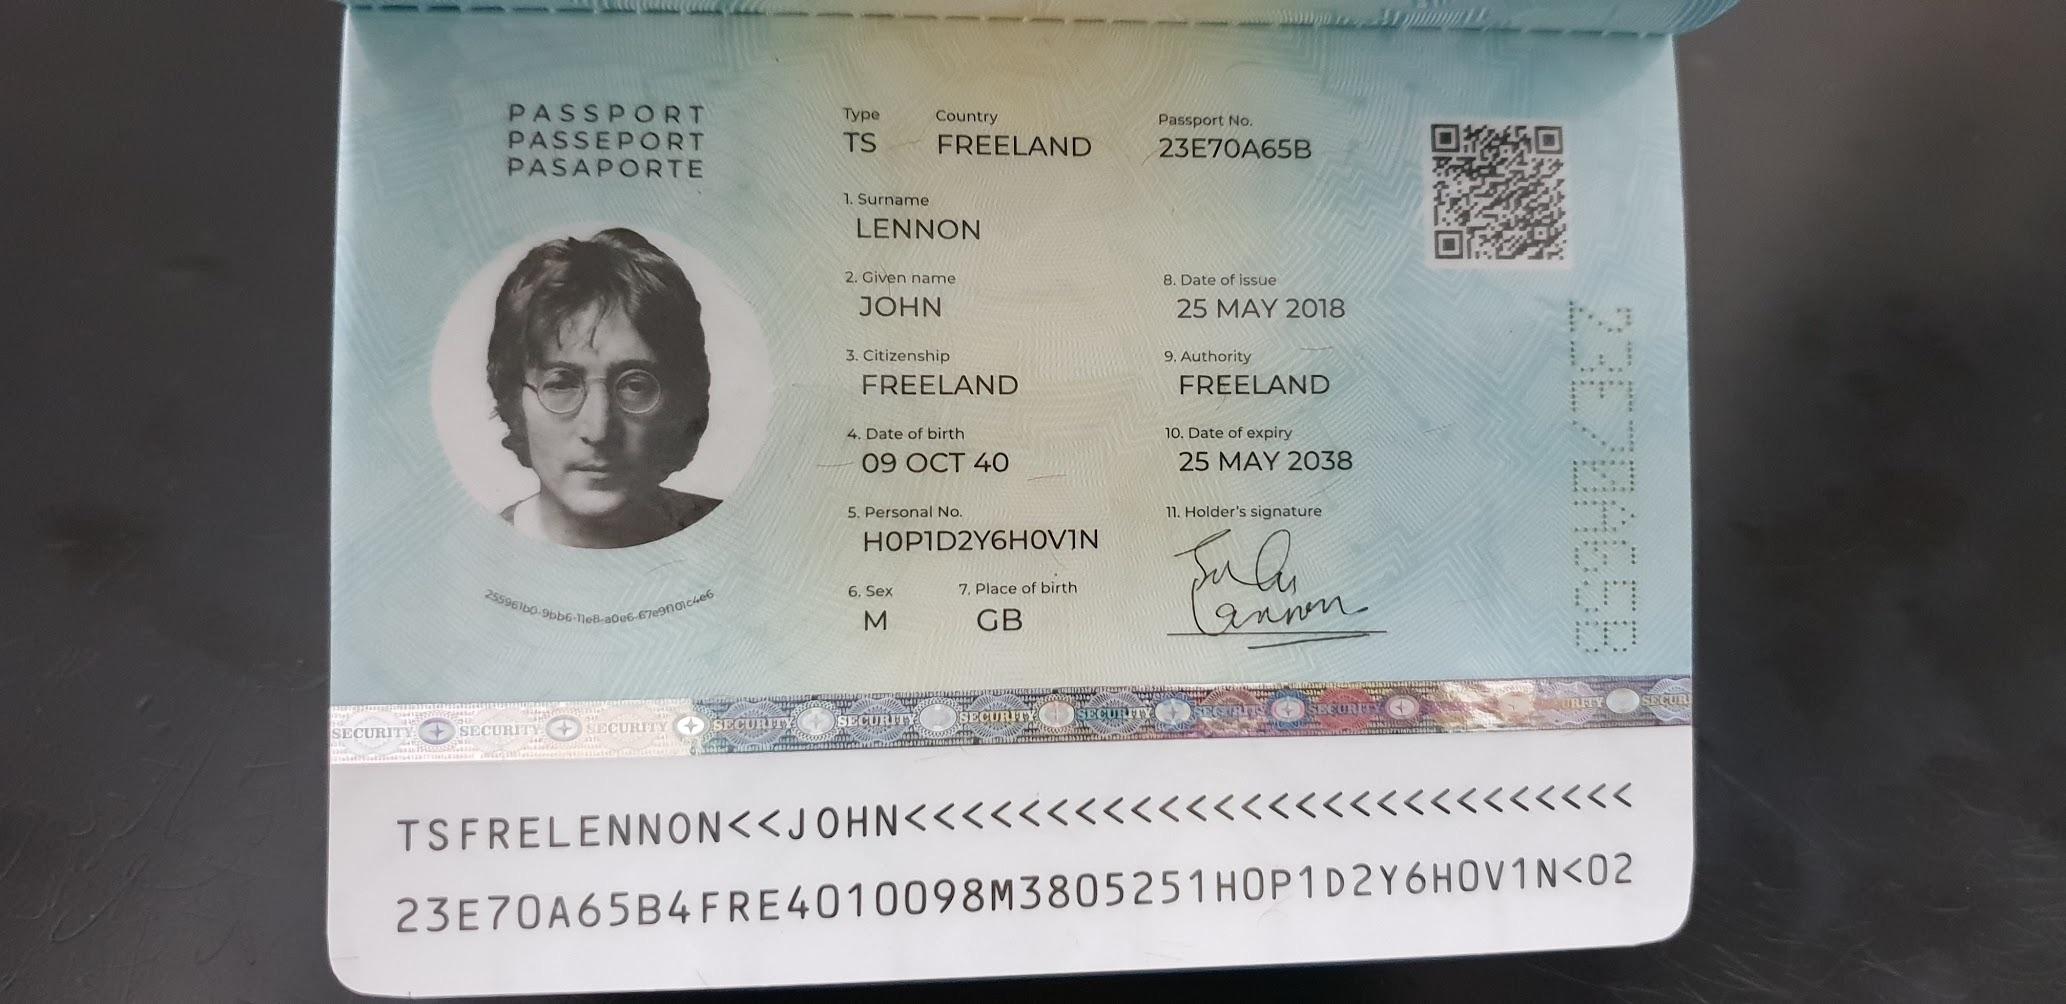 MRZ и персональные данные демонстрационного паспорта на имя Джона Леннона